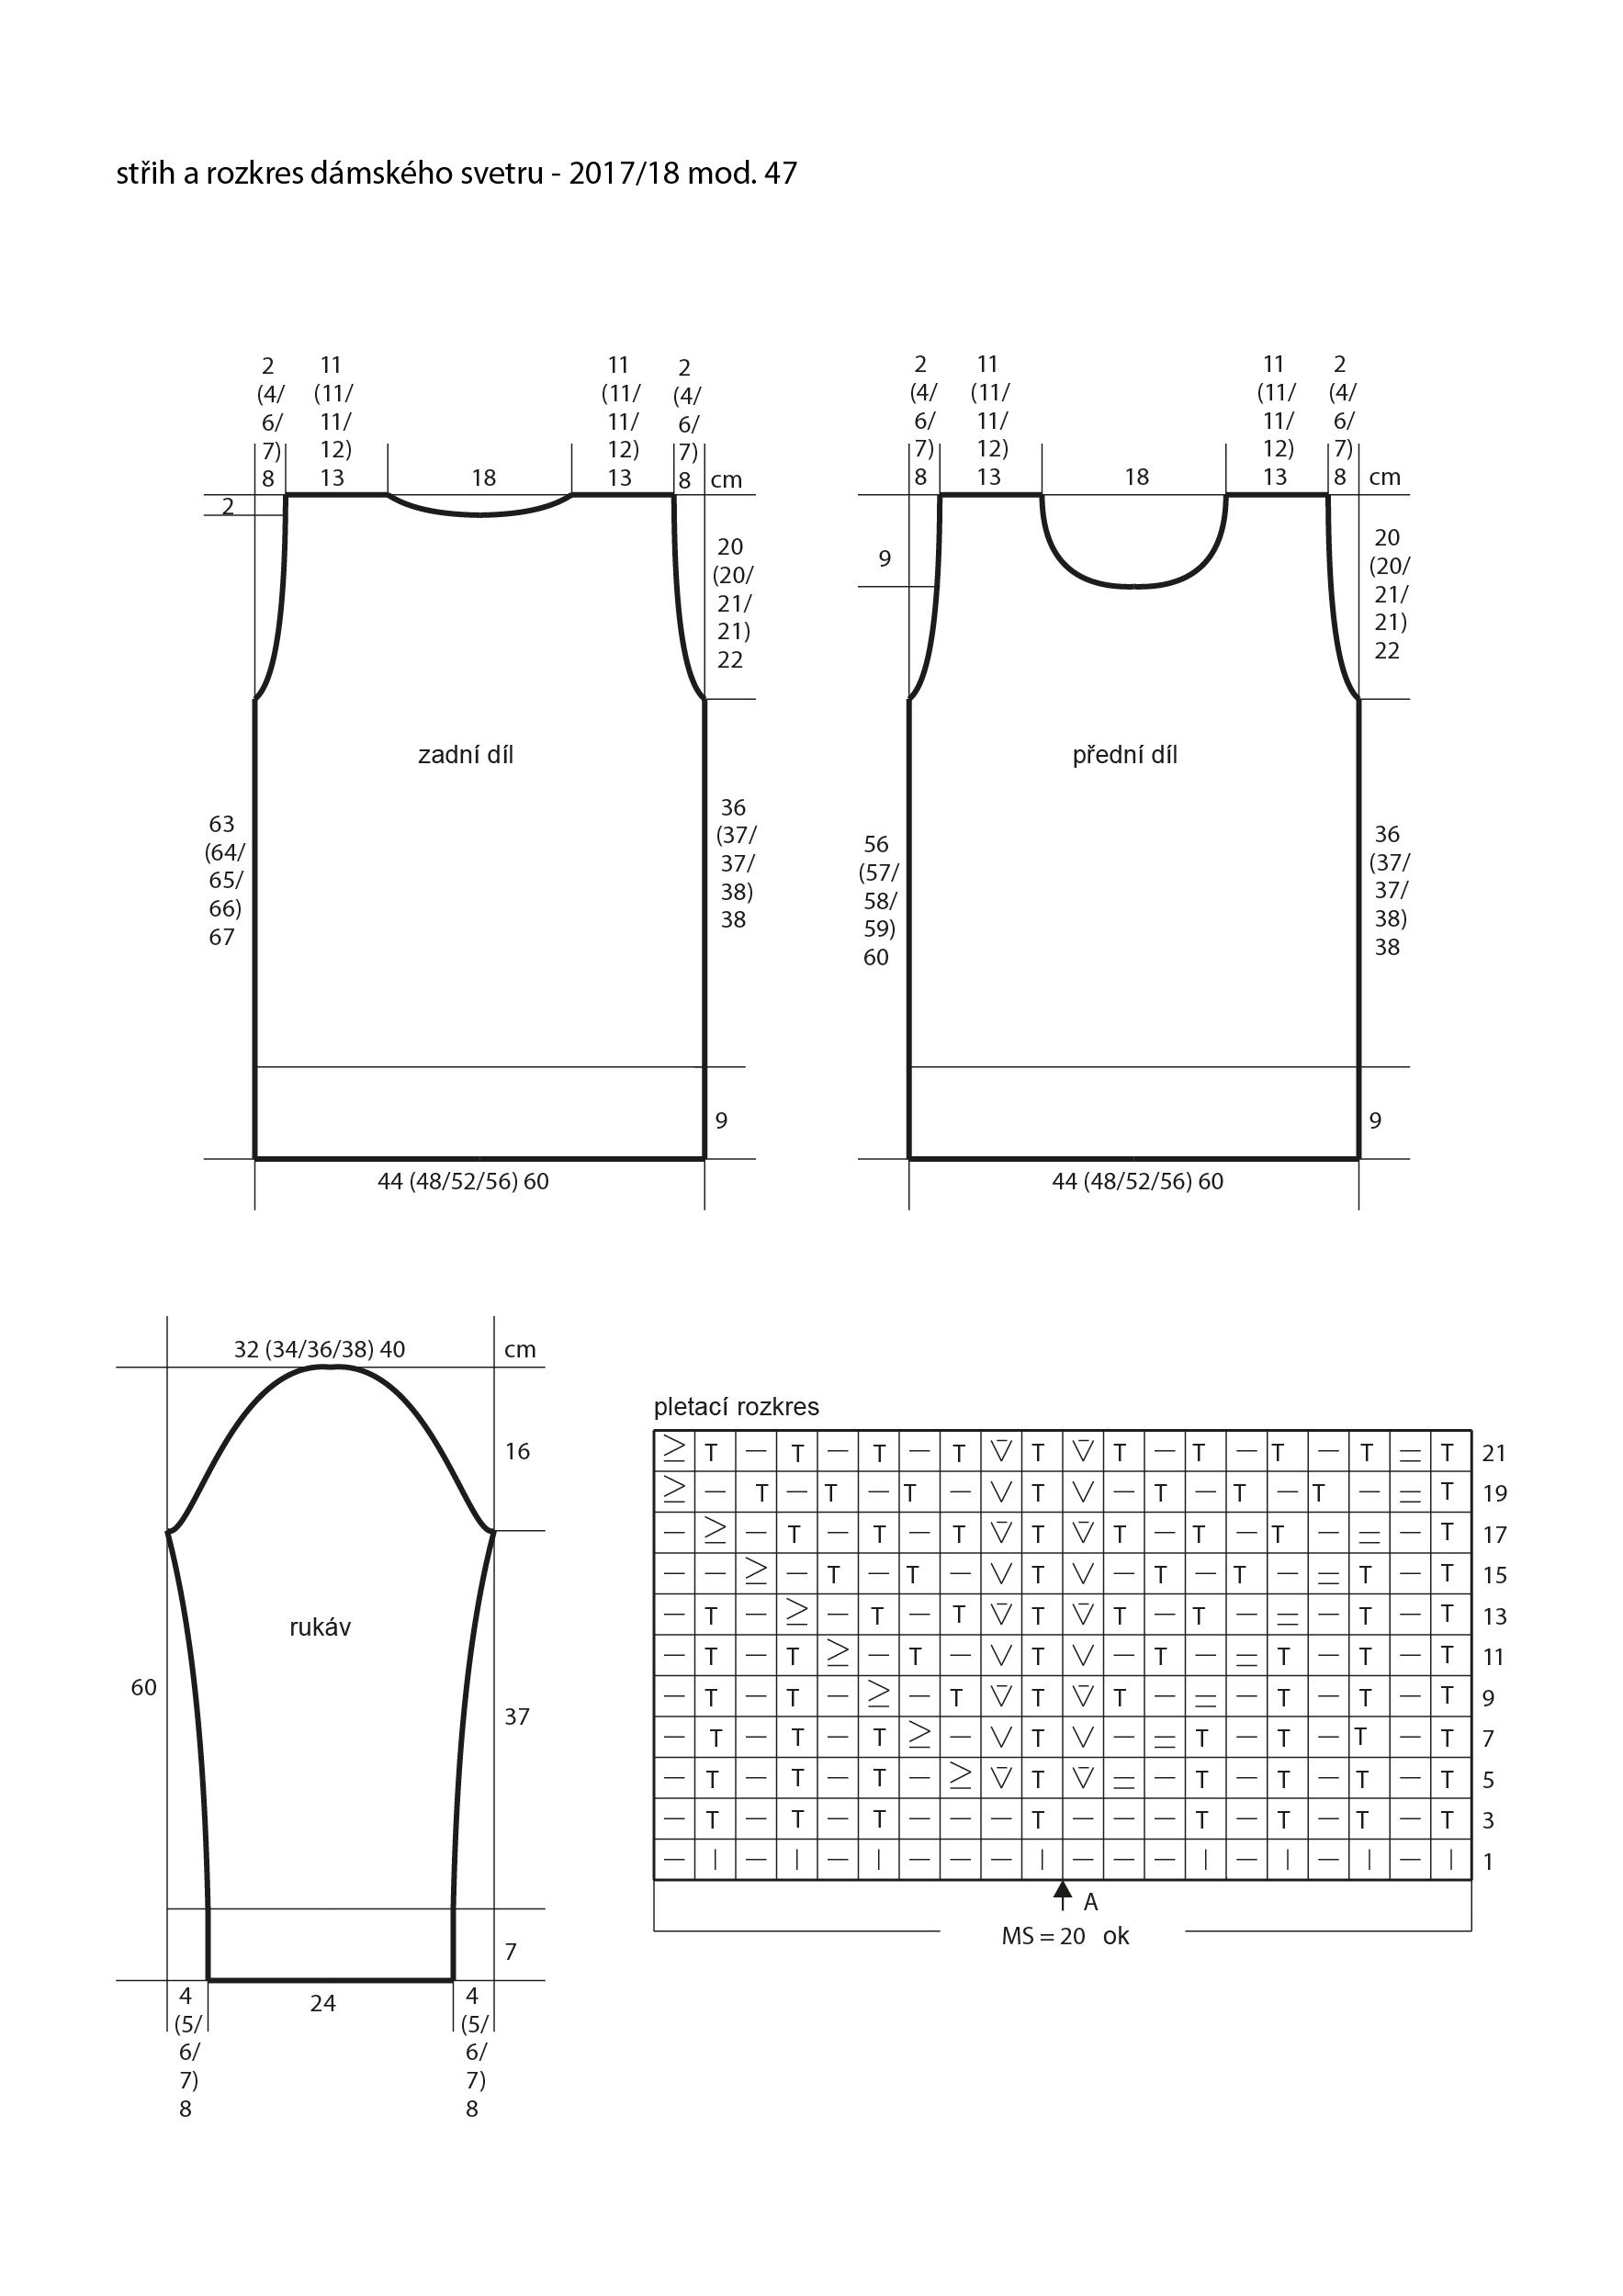 2017-2018 model 47 střih a rozkres dámského pleteného svetru